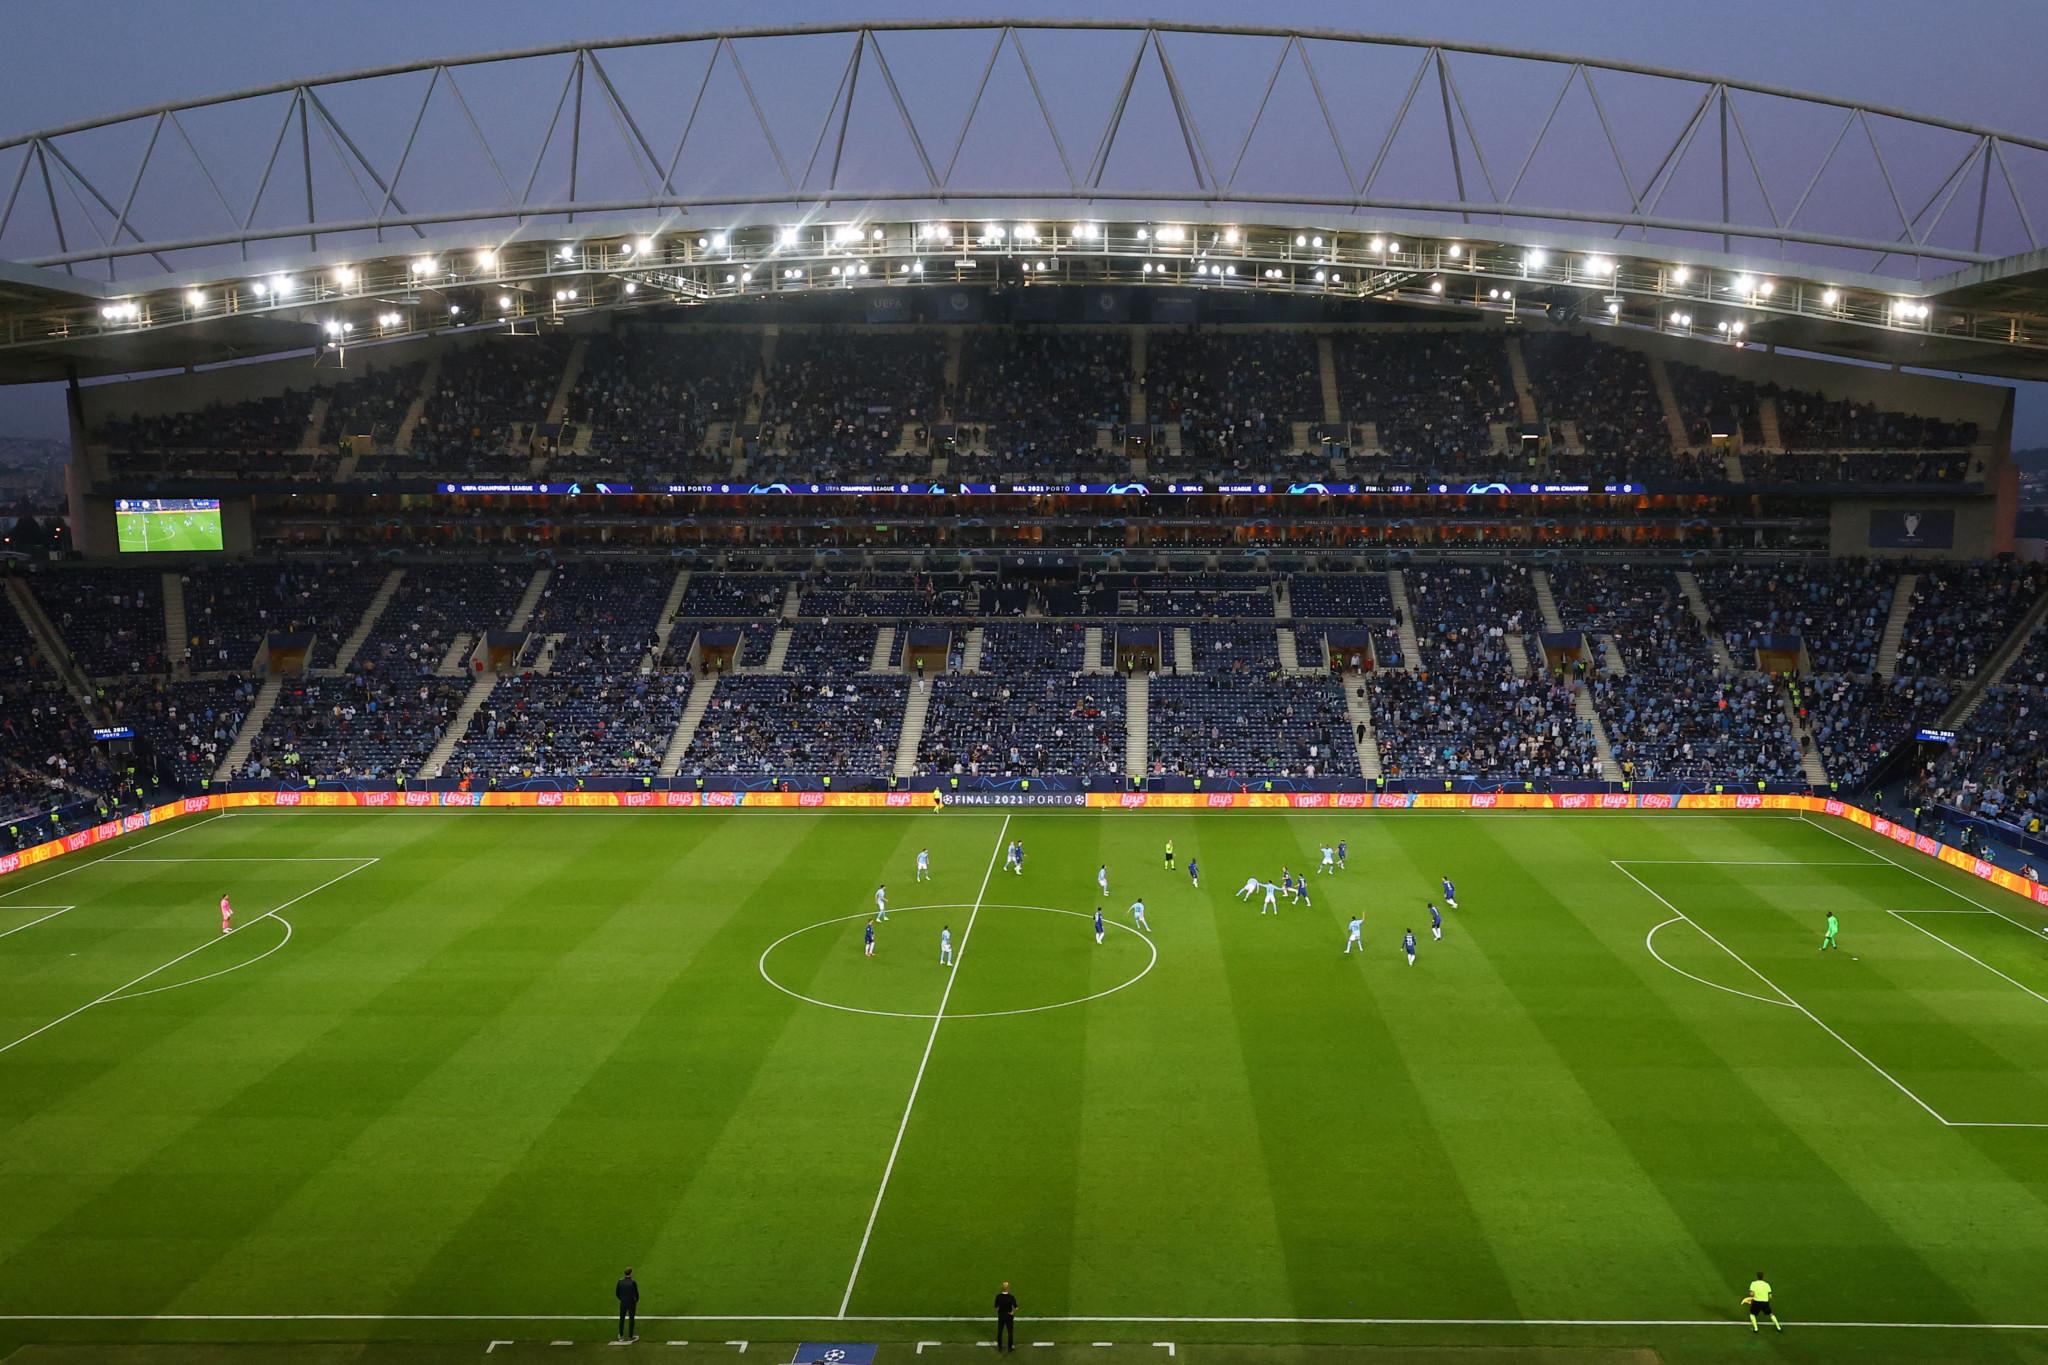 Chelsea y Manchester City compitieron en la final de la UEFA Champions League en Portugal el fin de semana pasado; solo siete de los 28 participantes nacieron y se criaron en el Reino Unido © Getty Images